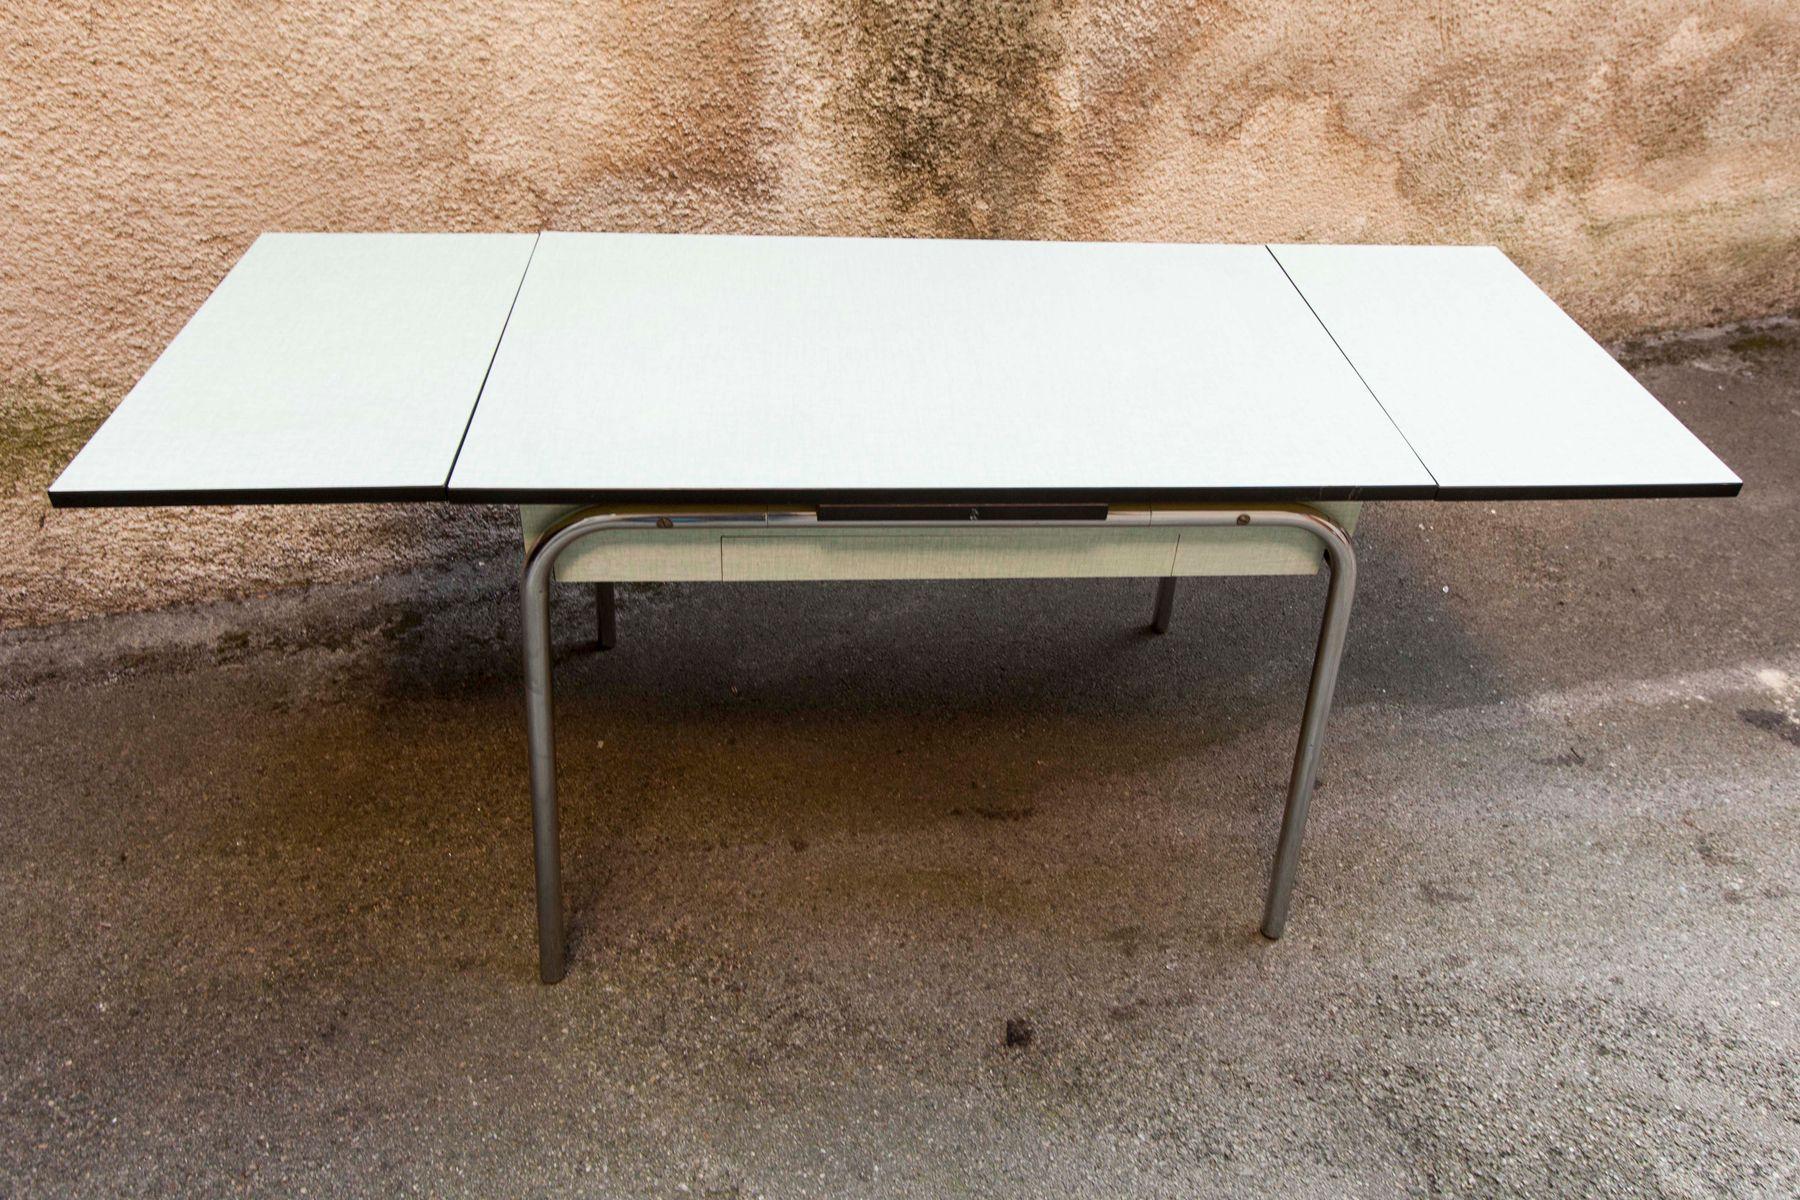 Massiver Esstisch Holz Tisch Eiche Massiv Essgruppe Billig Esstisch Und Stuhle Design Esstisch Weiss Tisch Eiche Massiv Esstisch Holz Esstisch